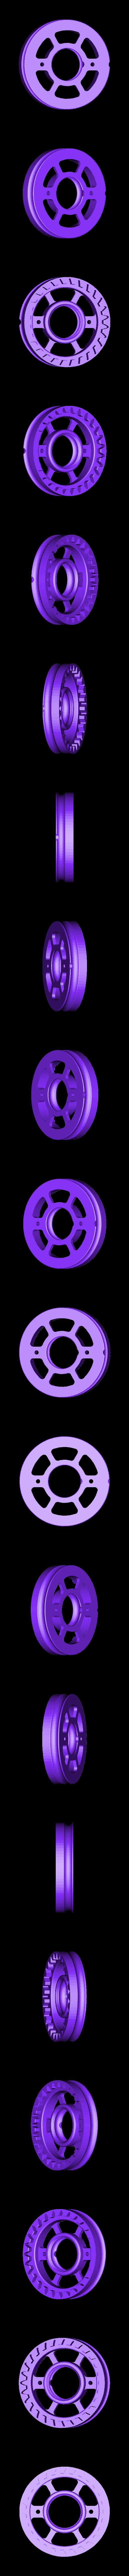 """Corpse_A.stl Télécharger fichier STL gratuit """"Toupie """"mécanique • Plan pour imprimante 3D, SiberK"""